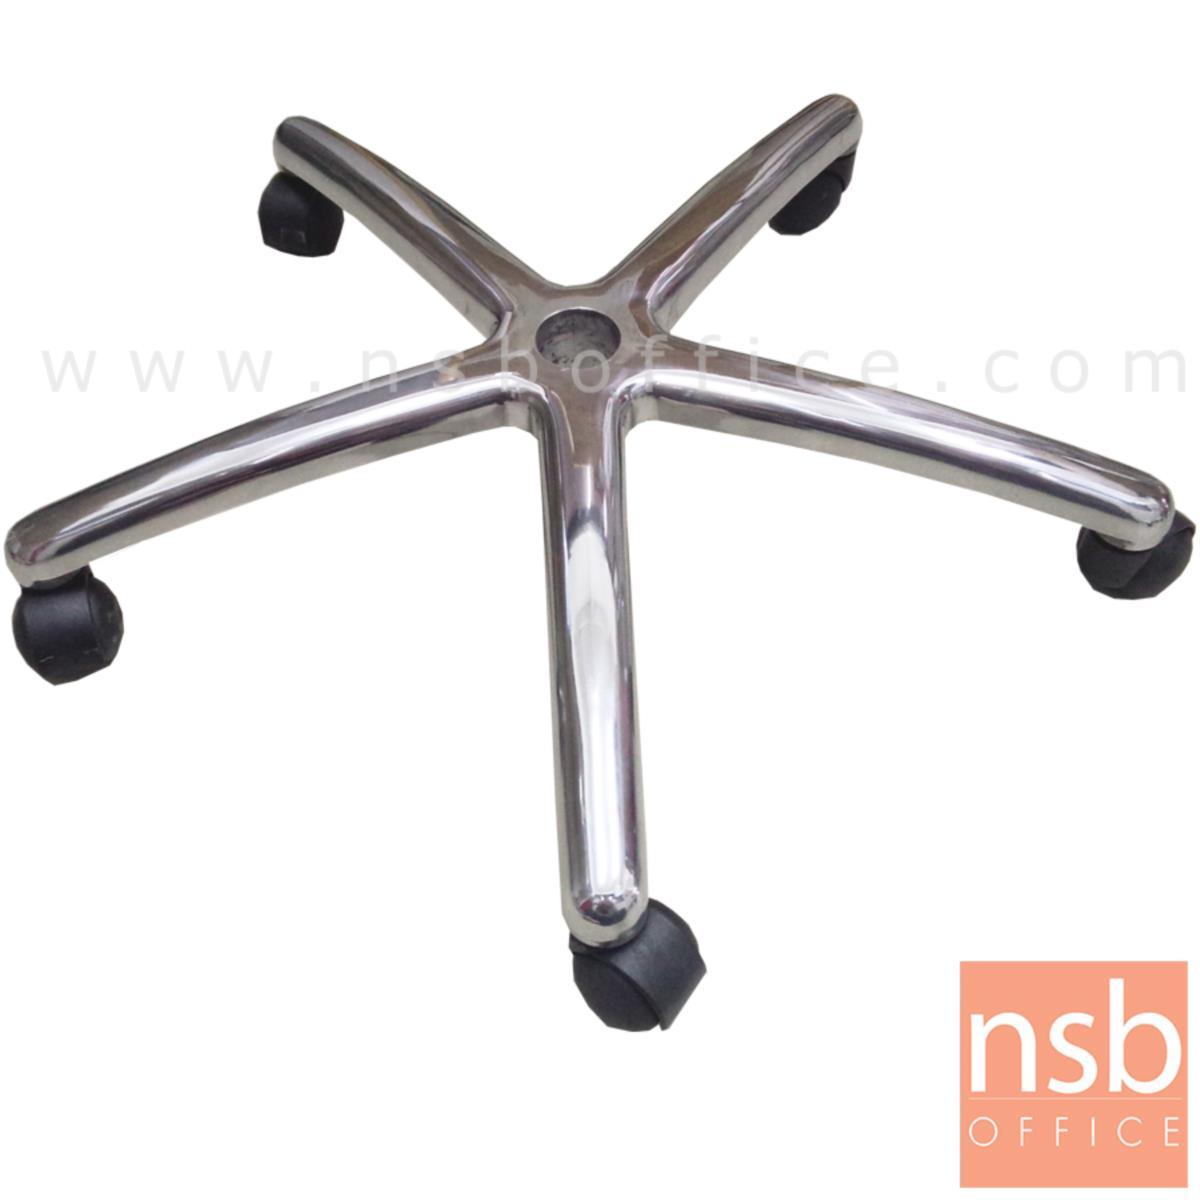 B27A039:ขาเก้าอี้สำนักงานอลูมิเนียม รุ่นปลายกลม ขนาด 24 ,25 นิ้ว